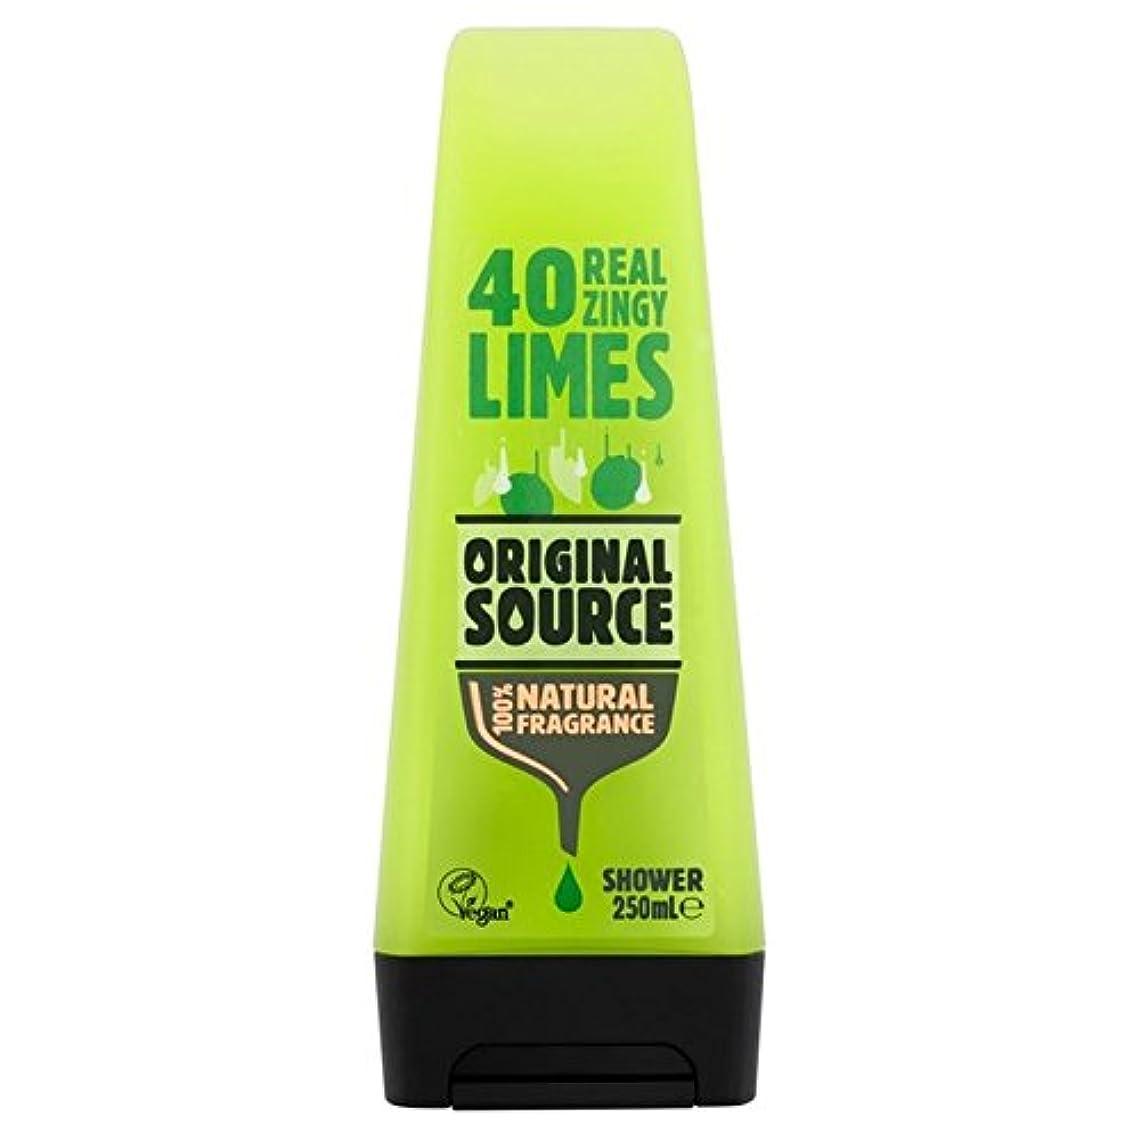 初期のオーナメントセットアップ元のソースライムシャワージェル250ミリリットル x2 - Original Source Lime Shower Gel 250ml (Pack of 2) [並行輸入品]